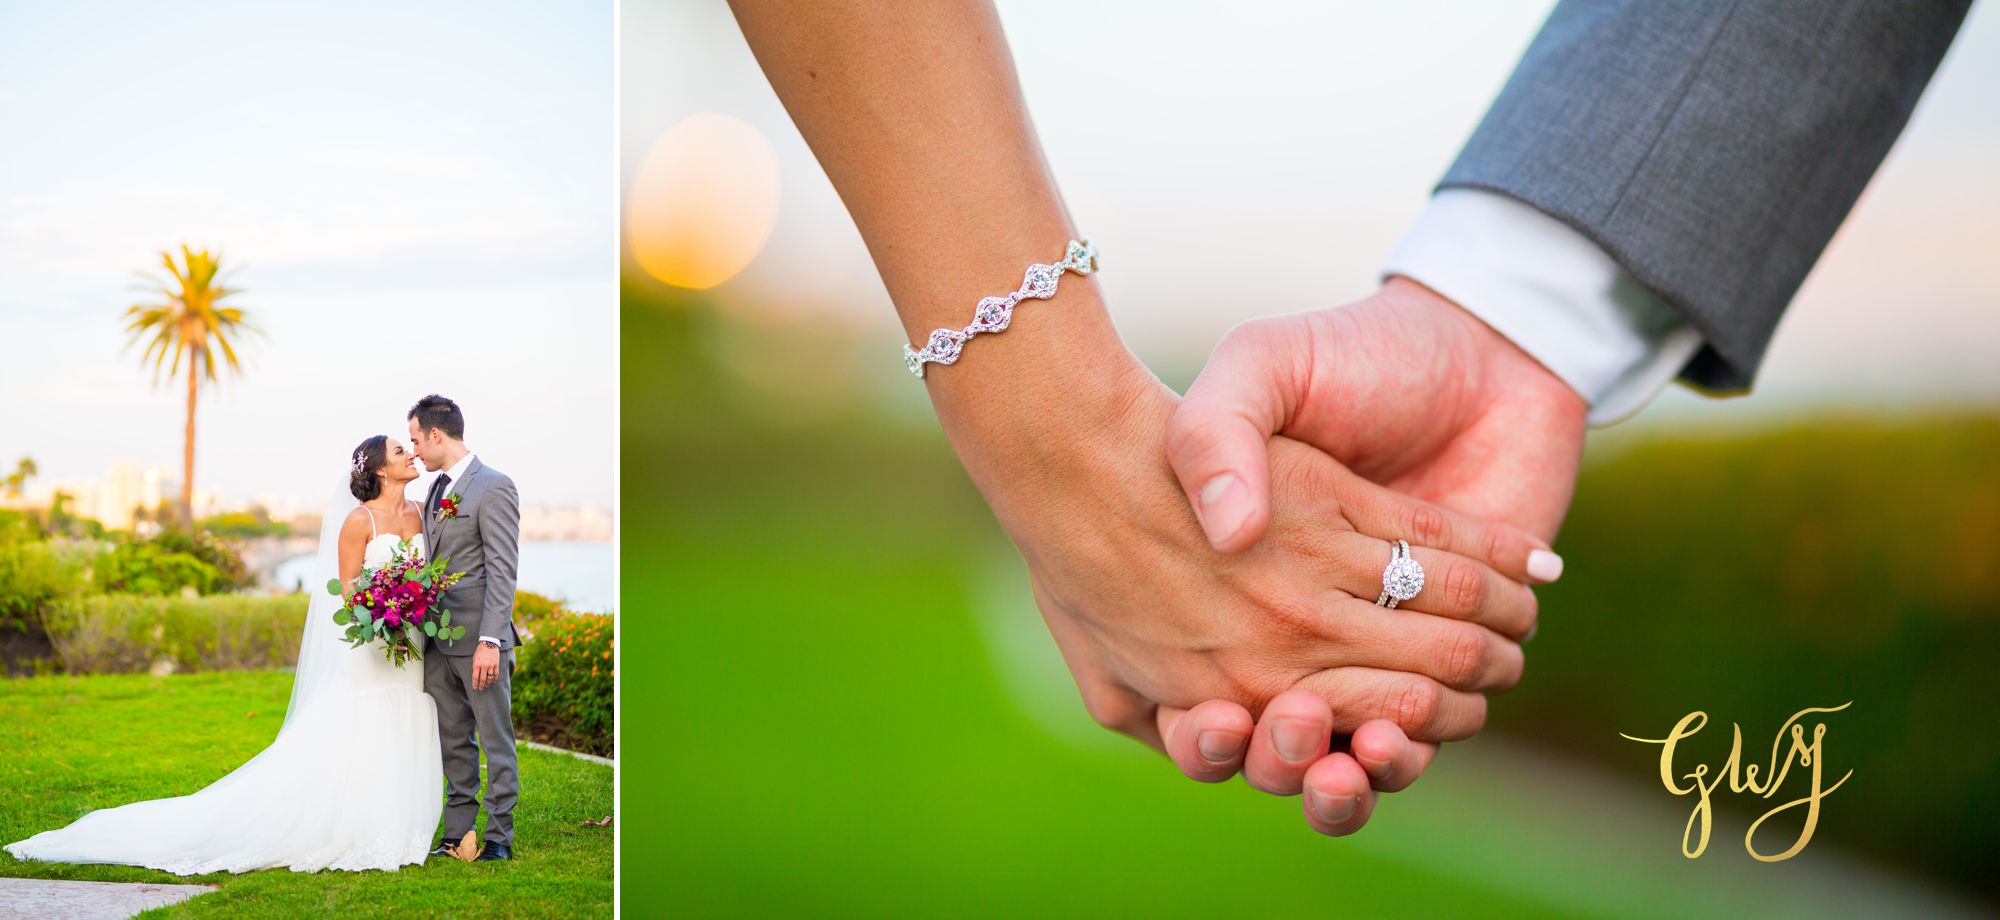 Alex + Jackie Elegant Tom Ham's Lighthouse San Diego Wedding by Glass Woods Media 32.jpg